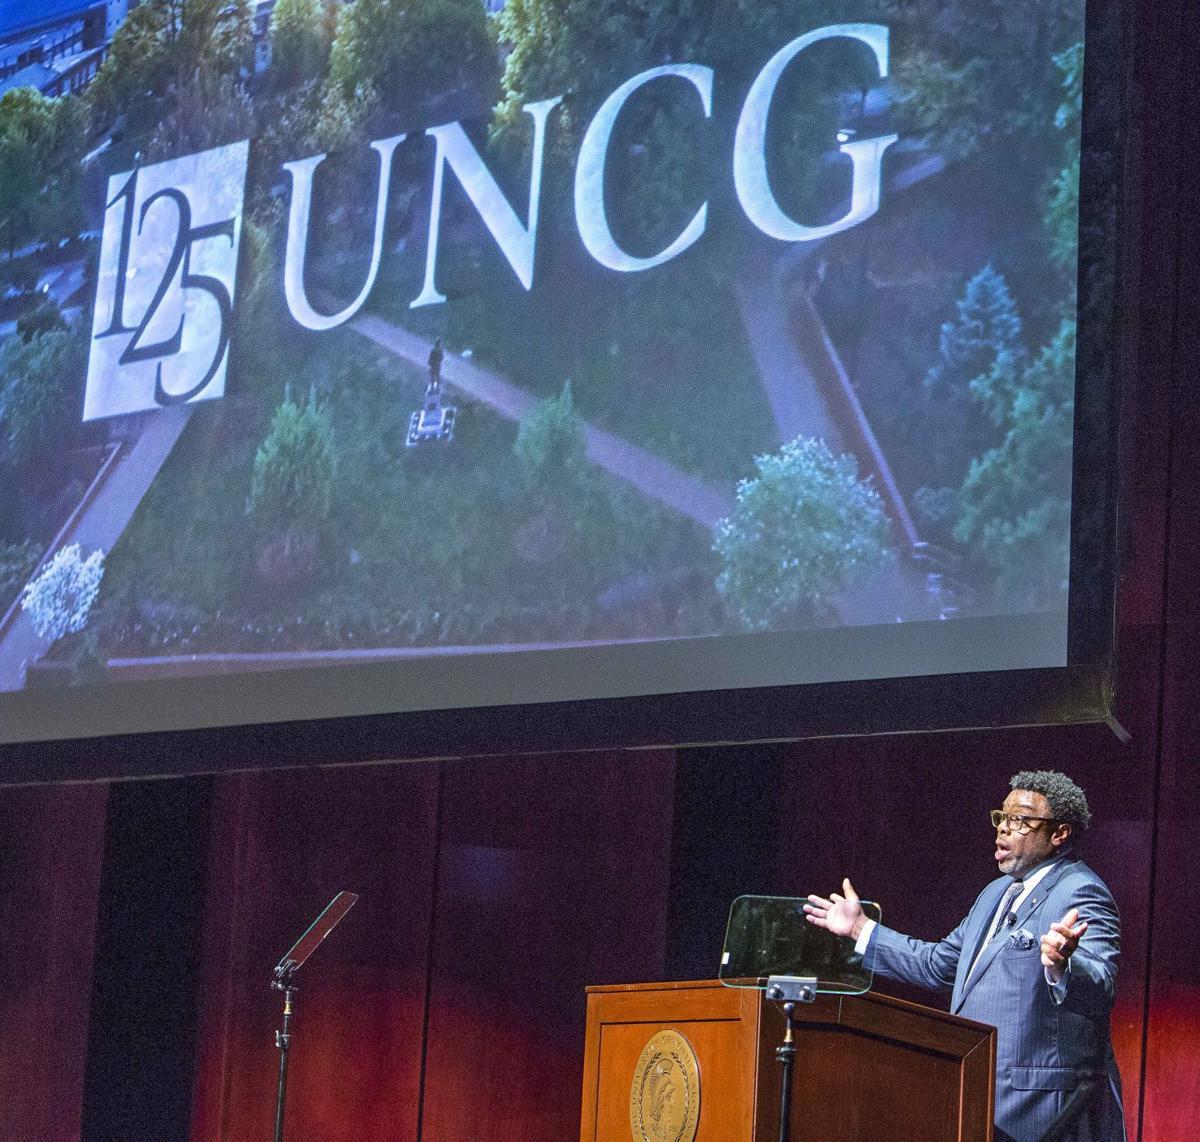 UNCG Chancellor Franklin Gilliam's annual address